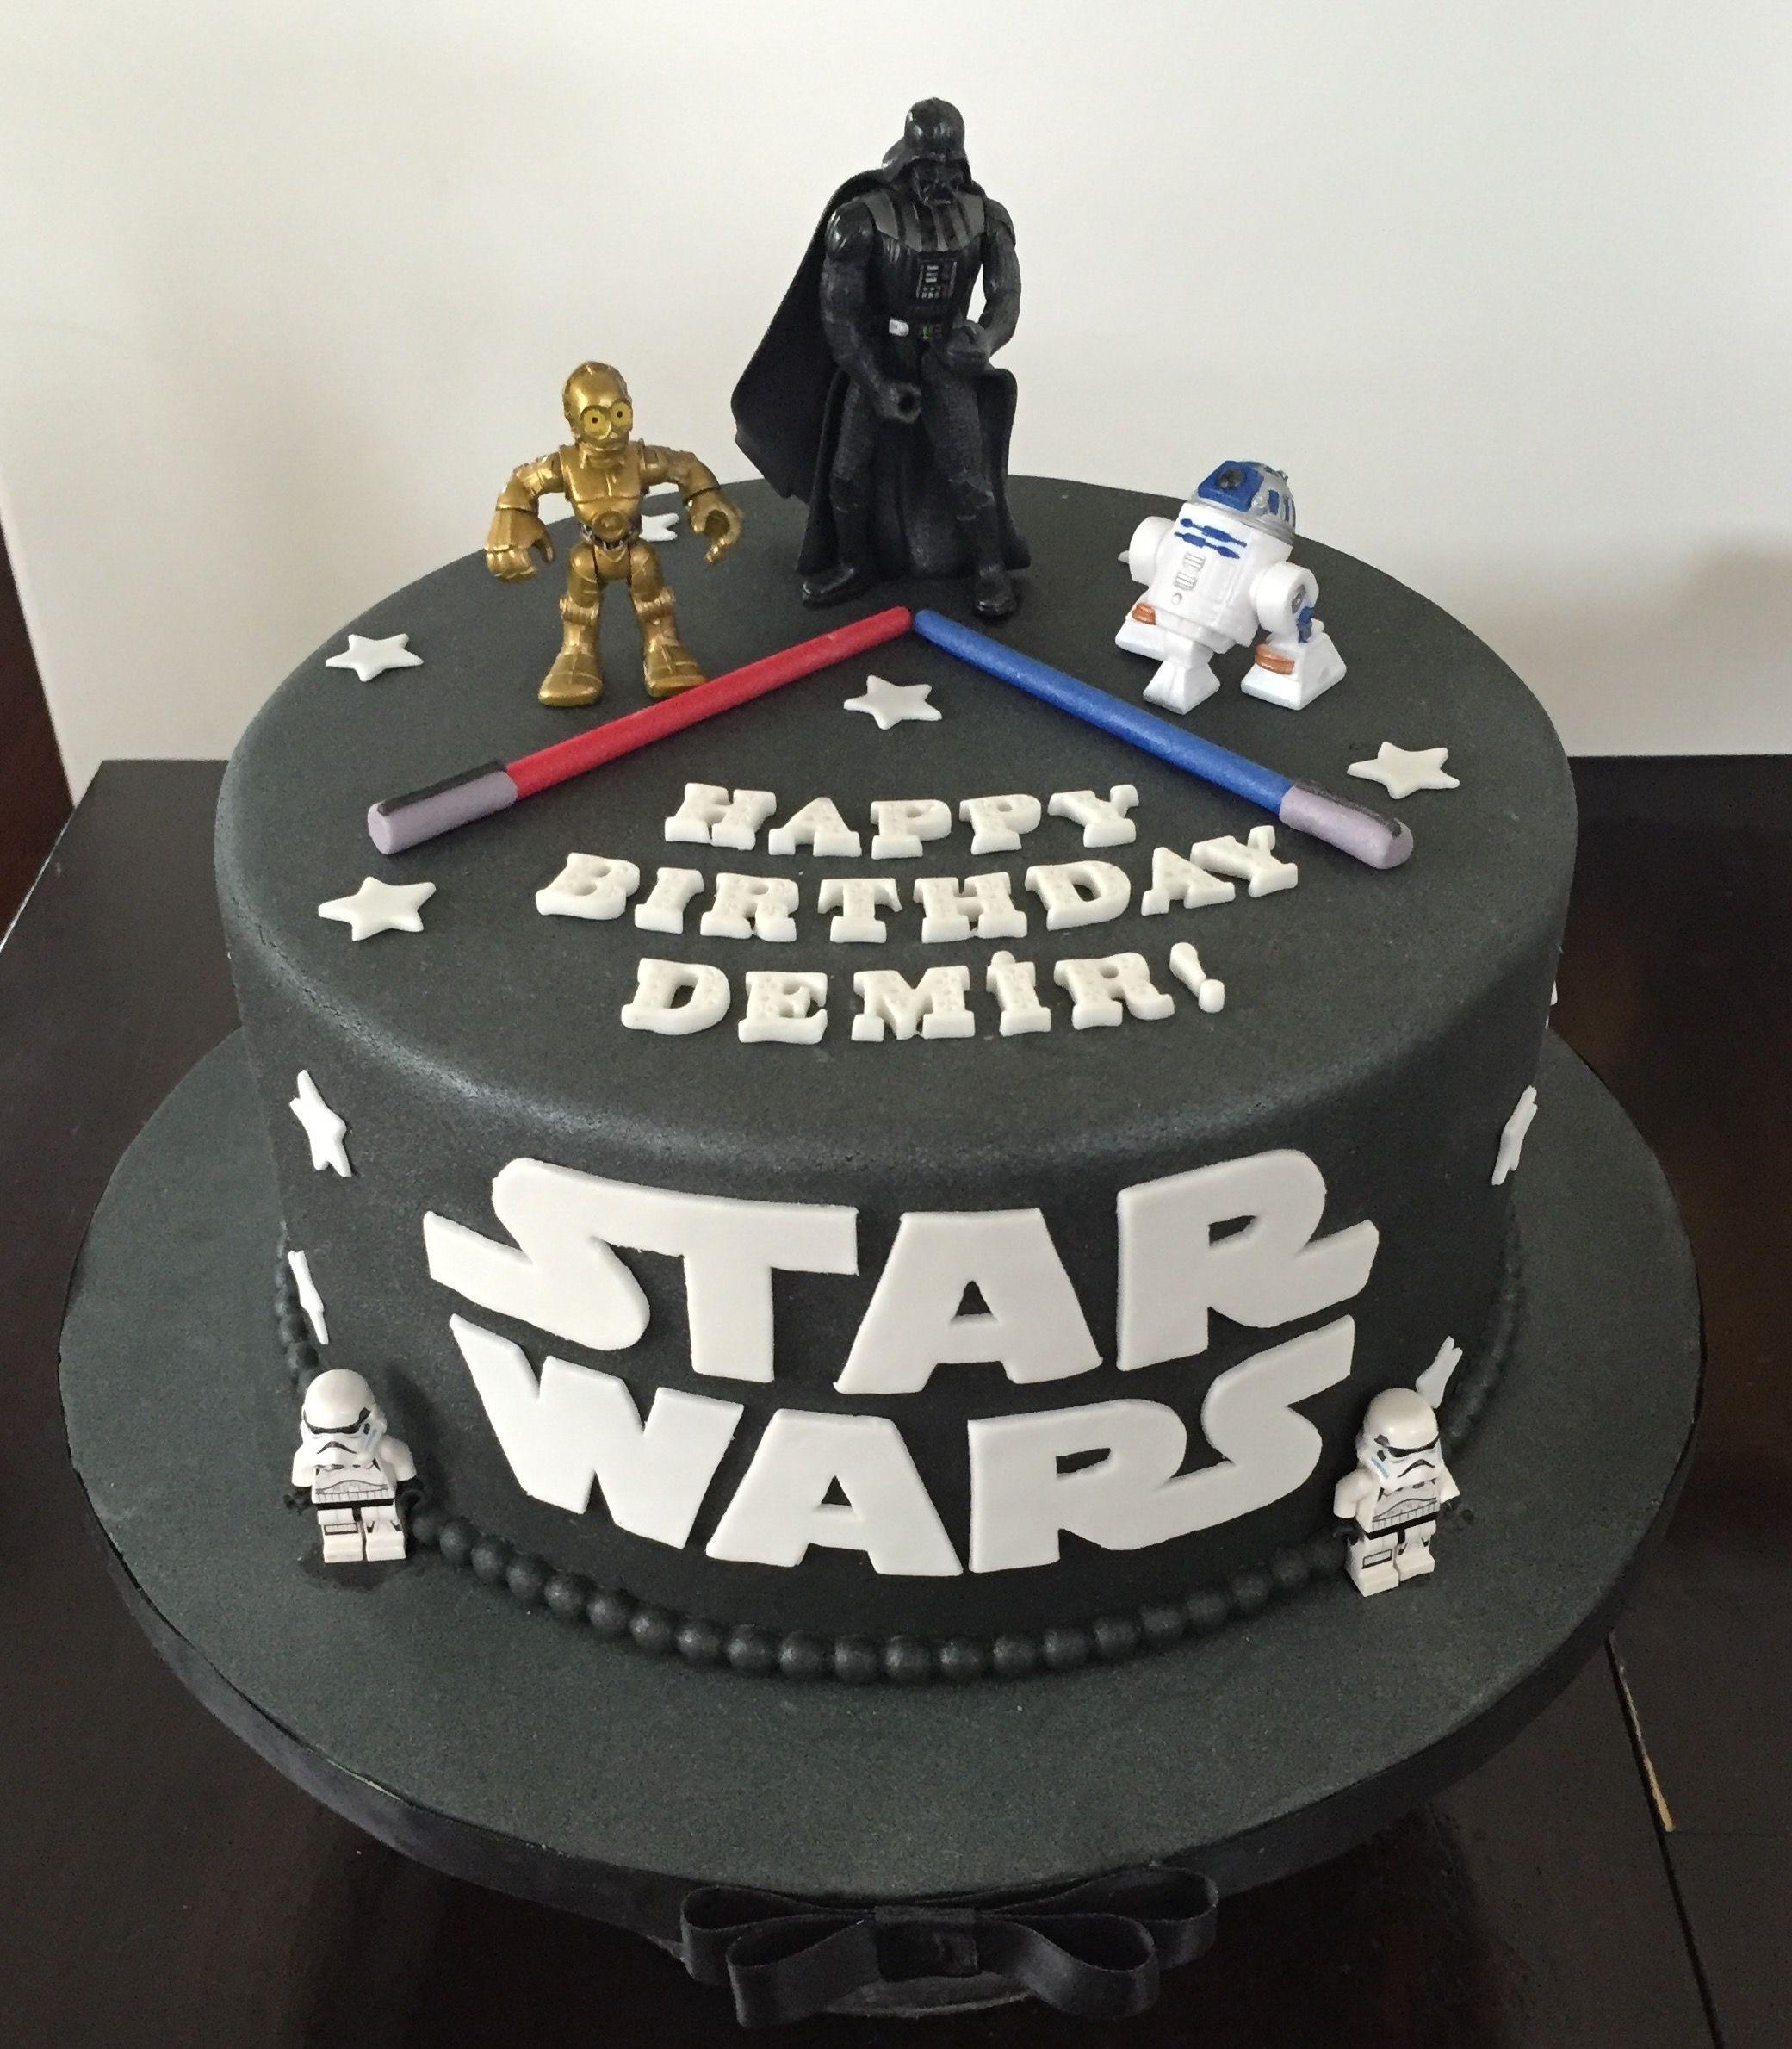 Star Wars Cake Star Wars Birthday Cake Star Wars Cake War Cake